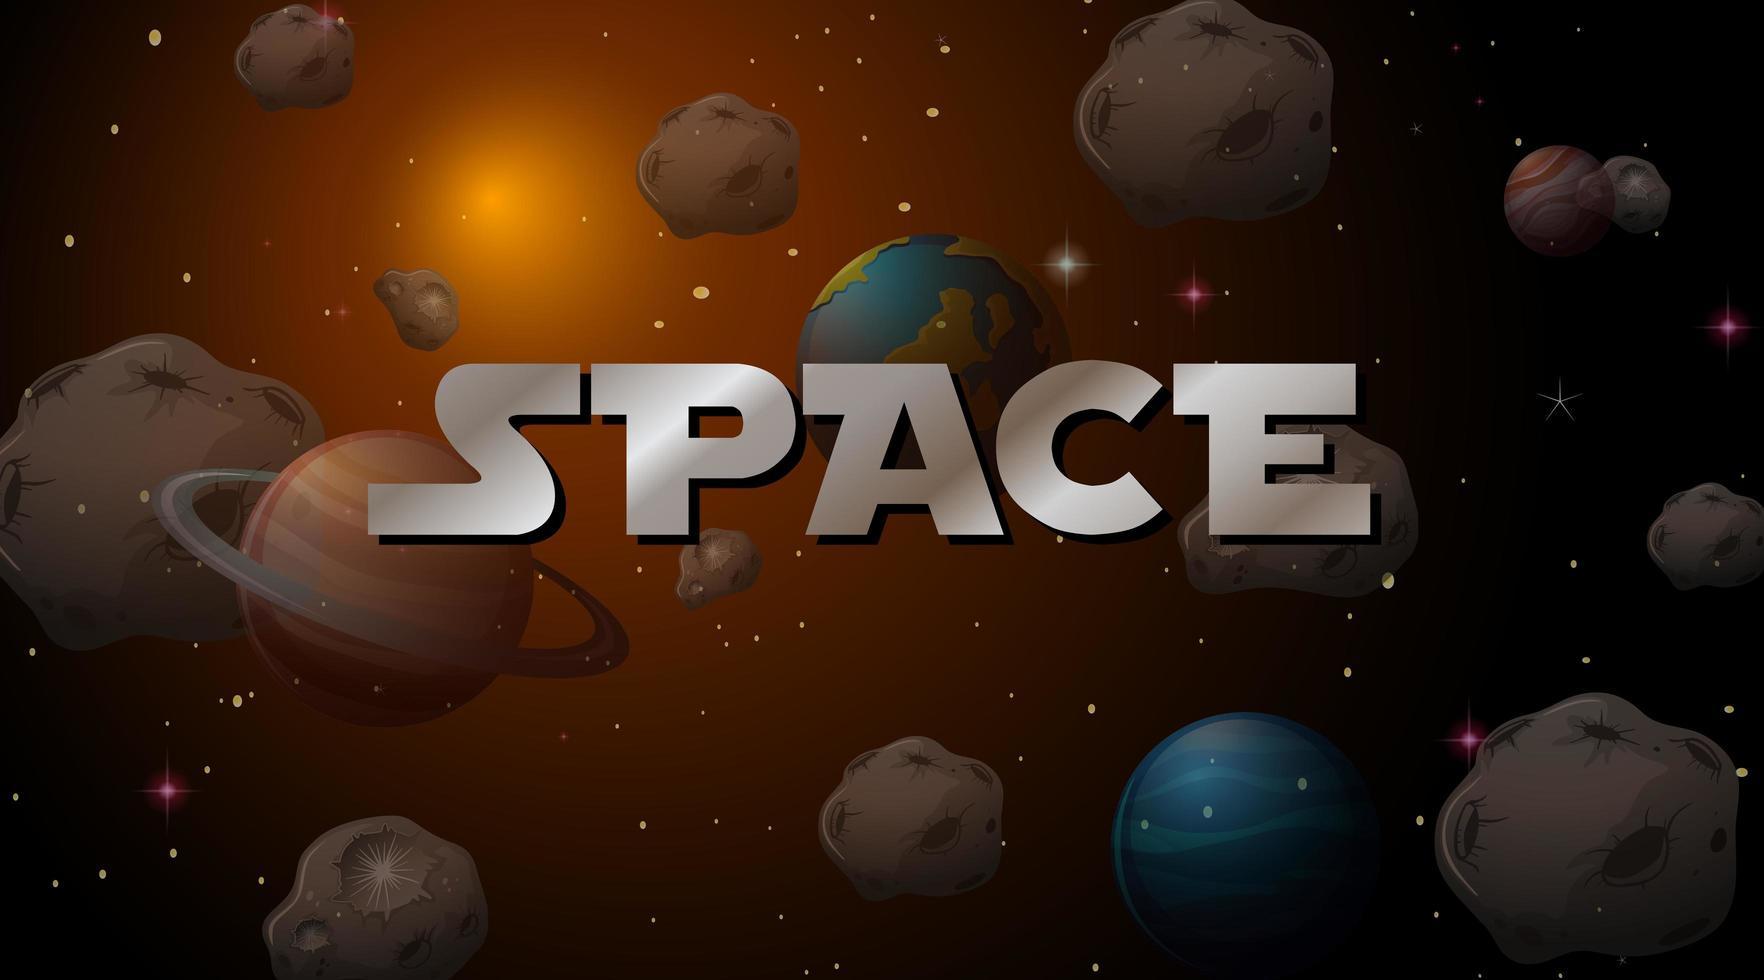 fond de scène spatiale vecteur